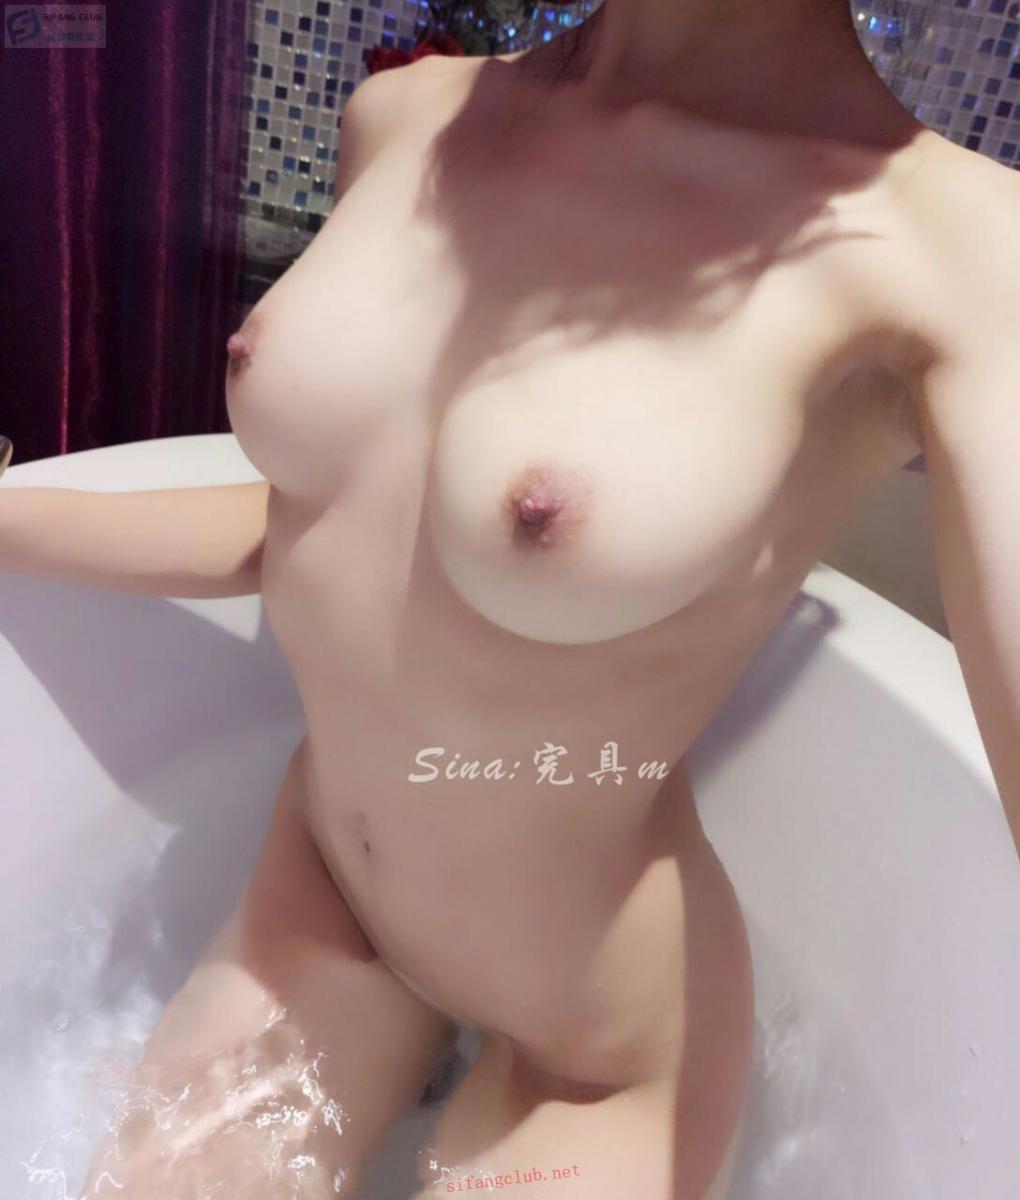 完具少女 浴缸洗澡 - Sexy girl in a bath (11P)